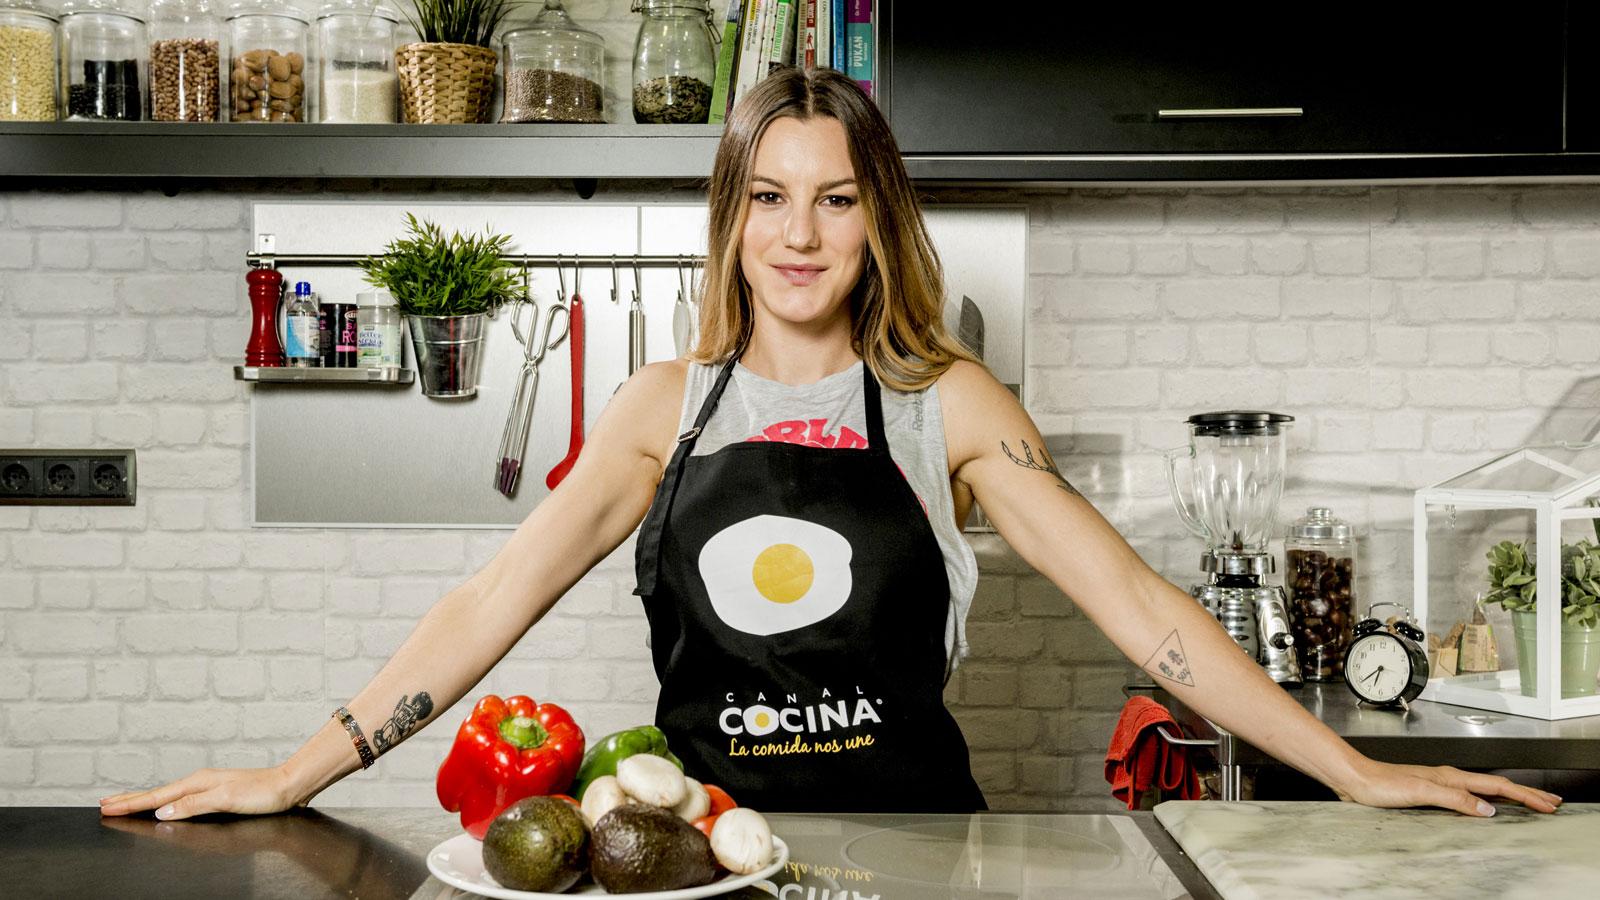 Vikika ver nica costa cocineros canal cocina - La cocina fit de vikika pdf ...